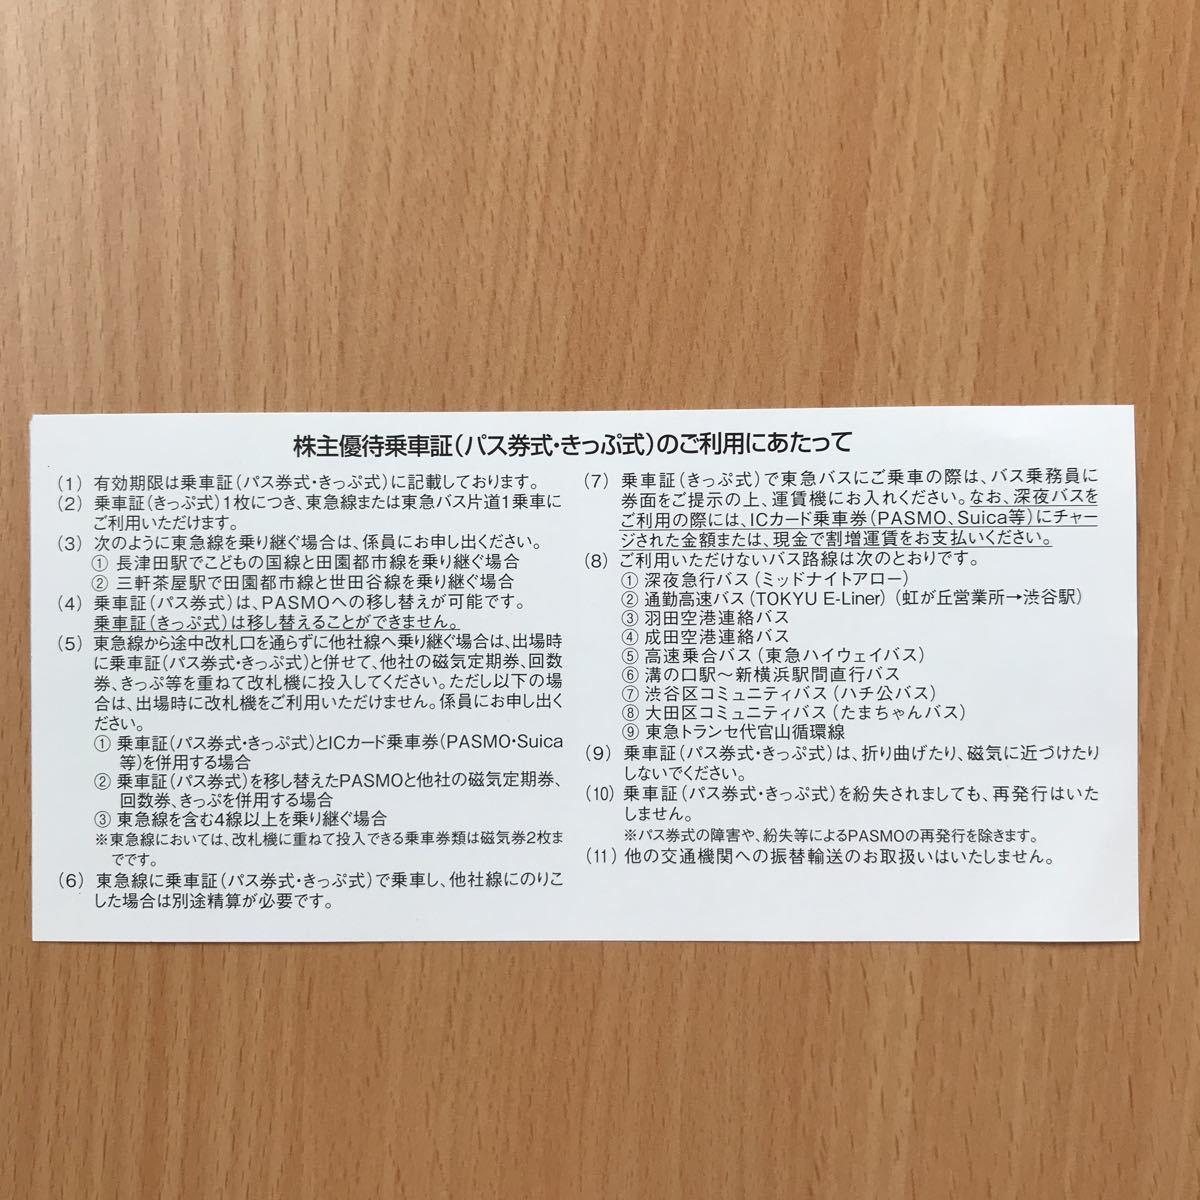 東急電鉄★株主優待乗車証 乗車券 2枚 ※有効期限 2021年5月31日_画像3